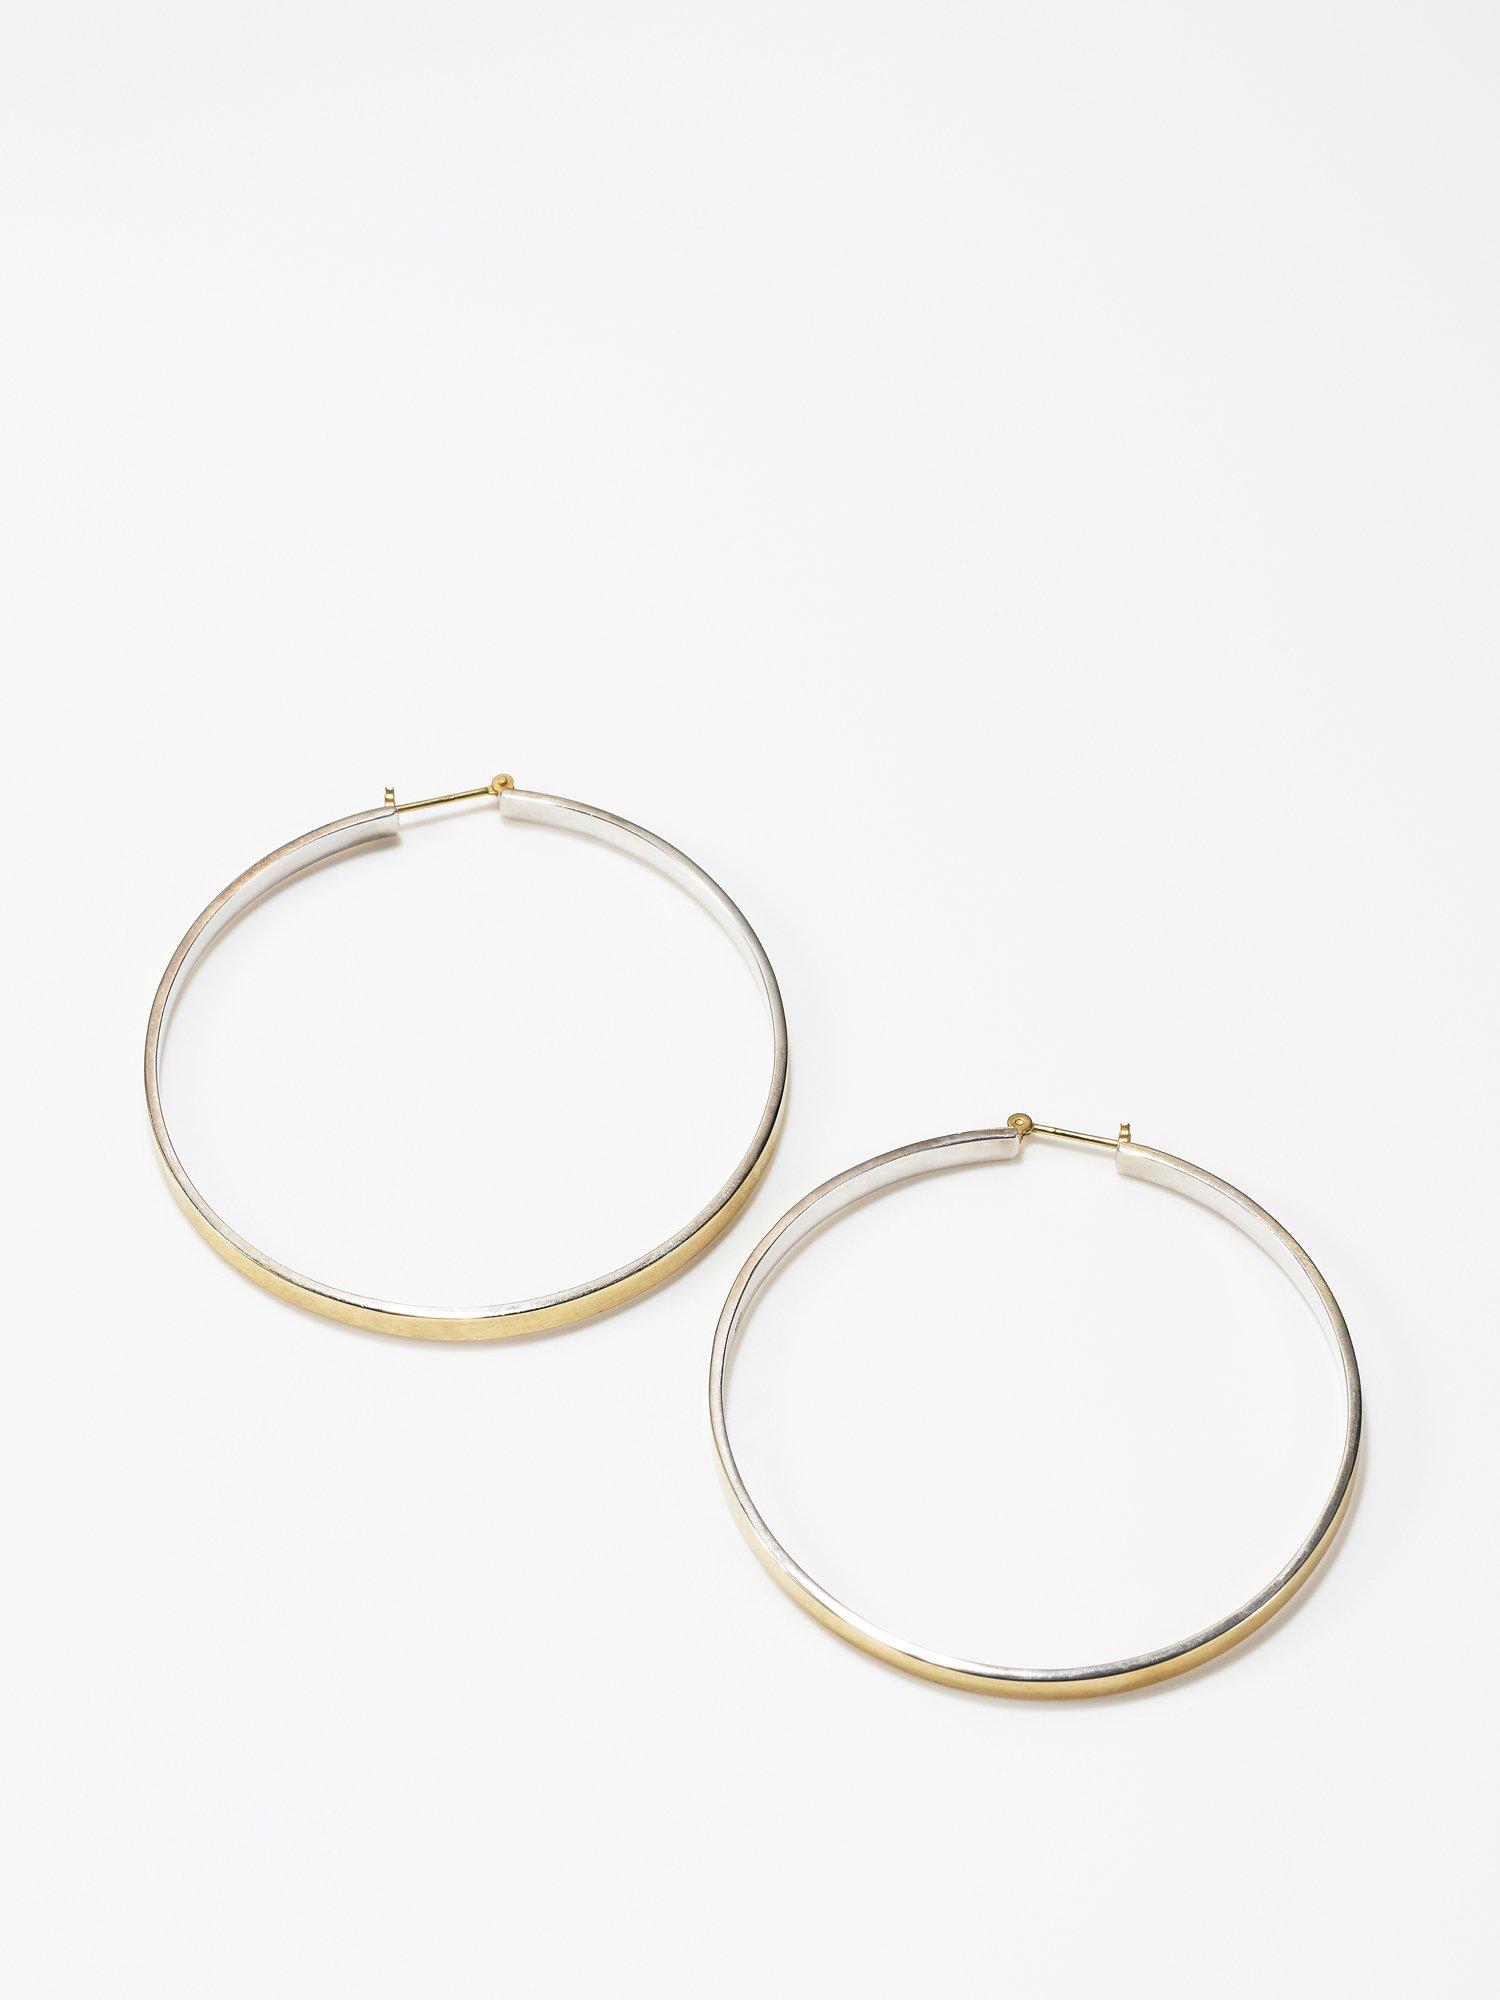 ARTEMIS / Artemis hoop earrings / 在庫商品